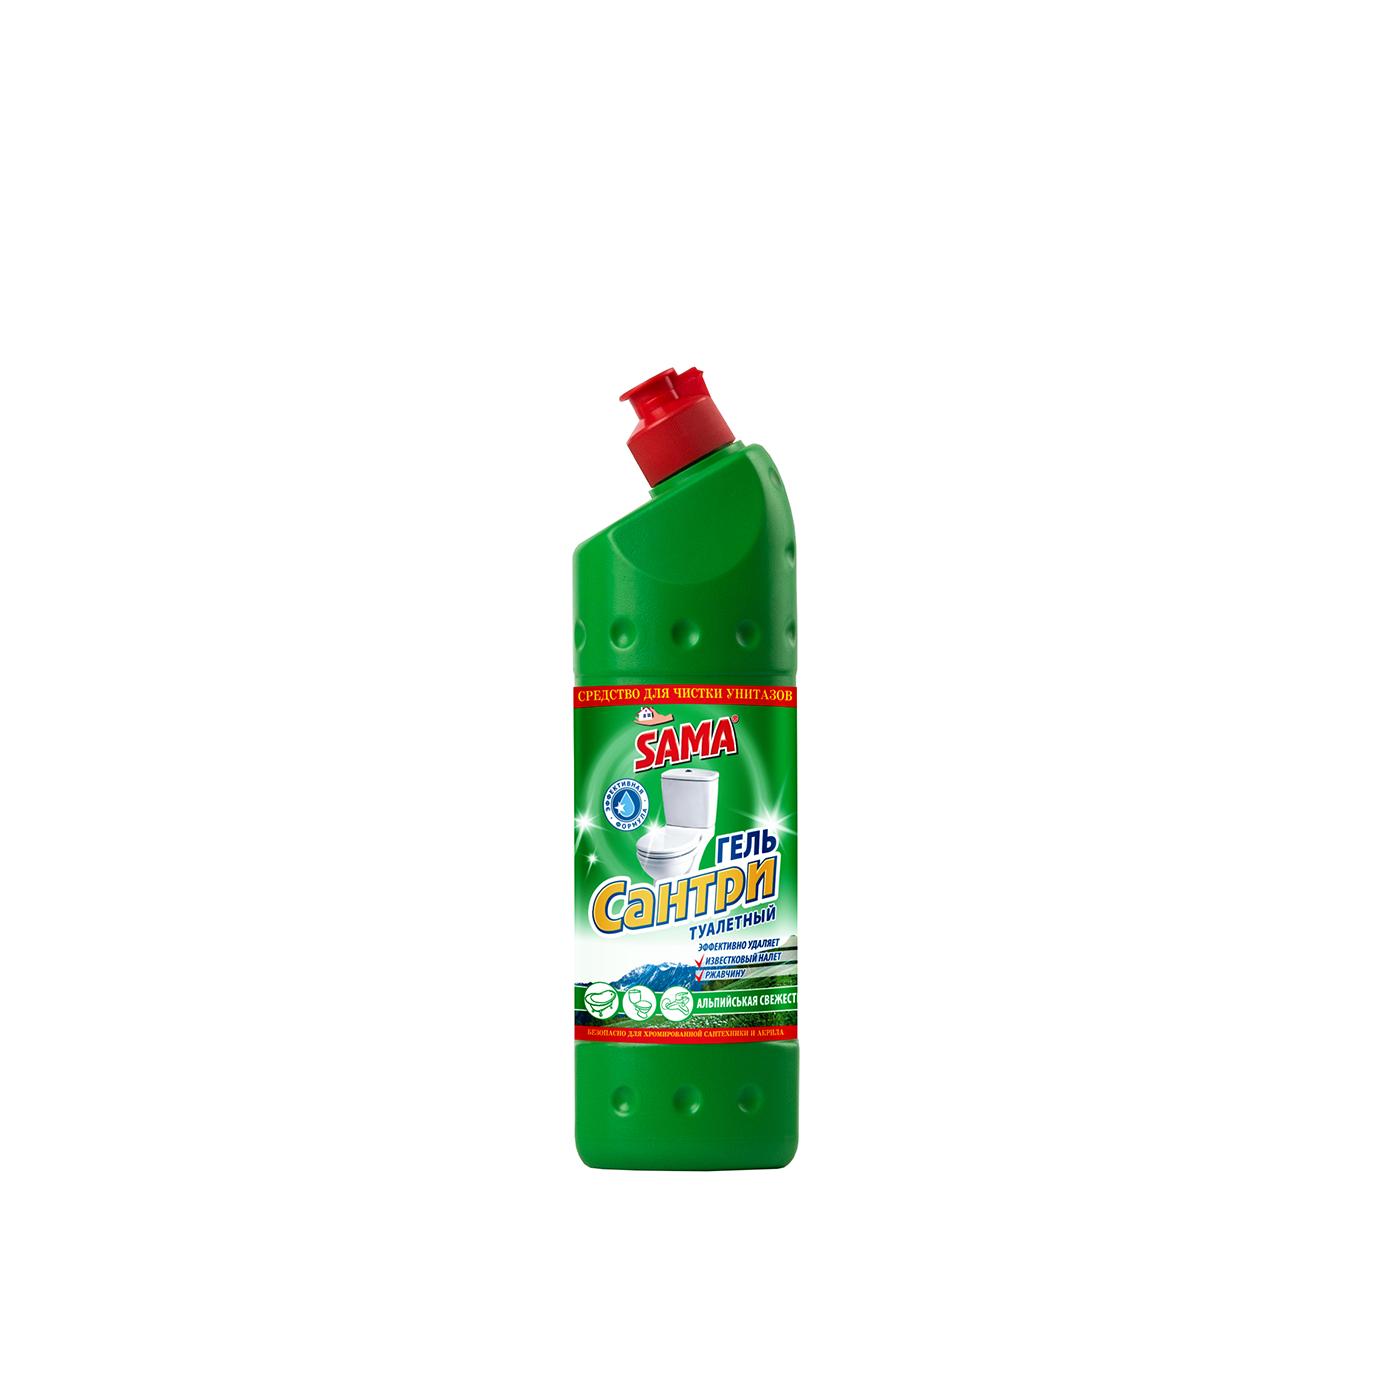 Средство для чистки унитазов гель SAMA Сантри Альпийская свежесть 500 мл